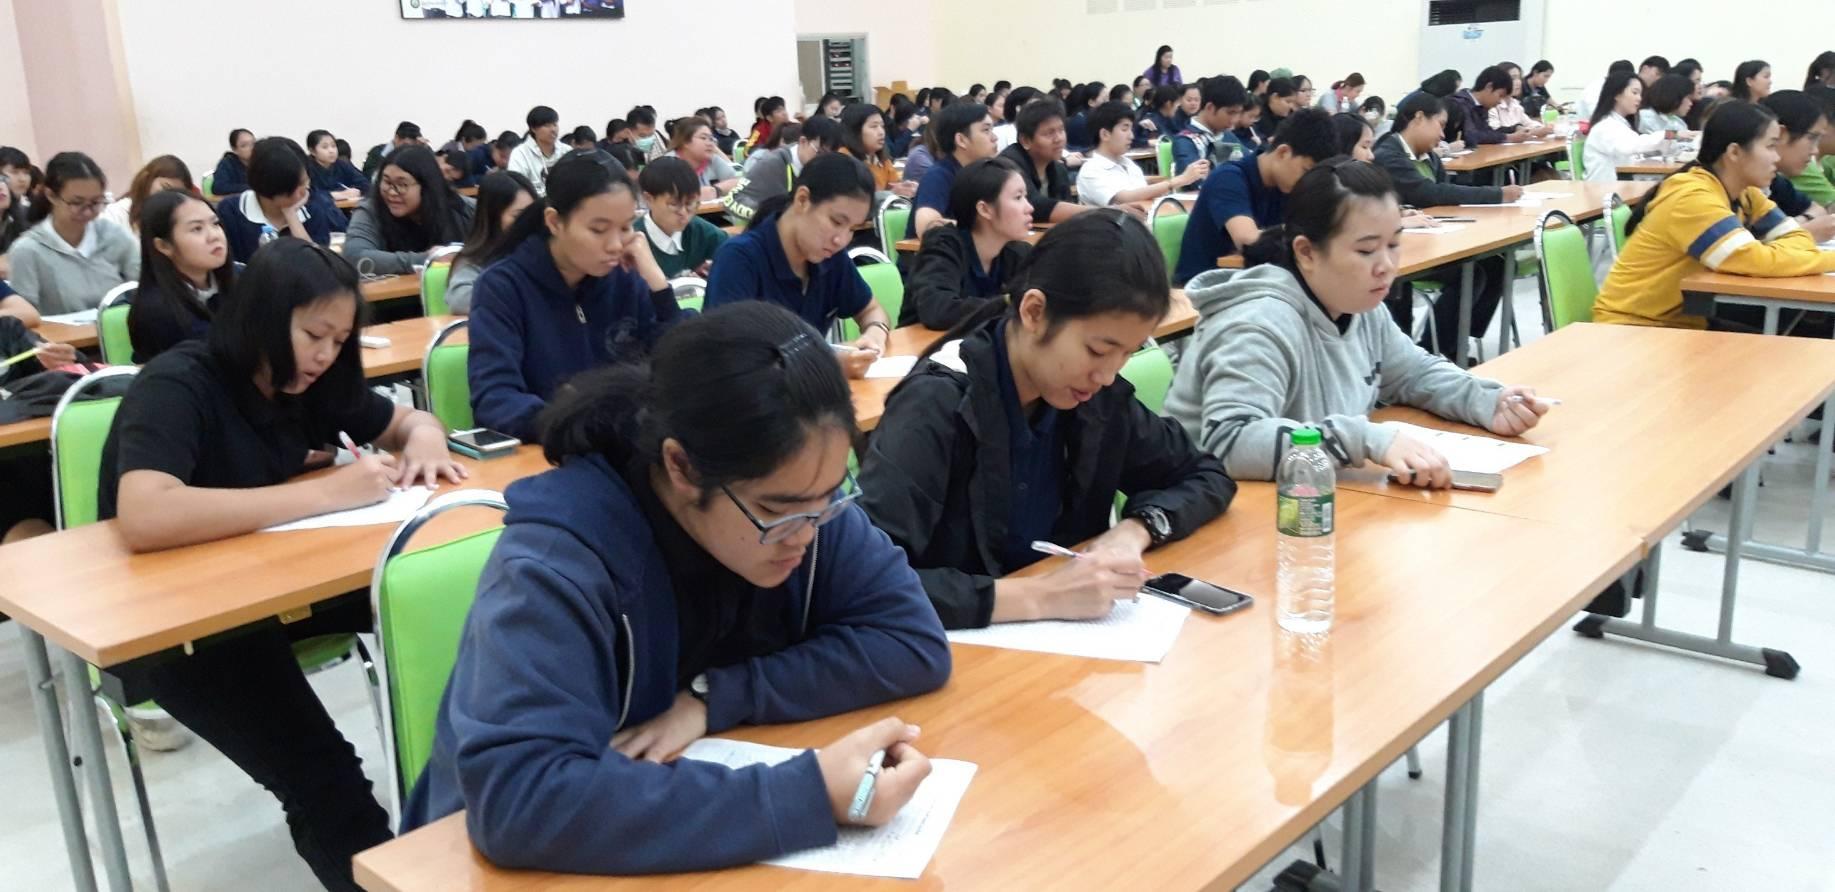 บรรยายและทำแบบทดสอบความพร้อมทางอาชีพ ในโครงการพัฒนาบุคลิกภาพ MJU ประจำปีงบประมาณ พ.ศ. 2562